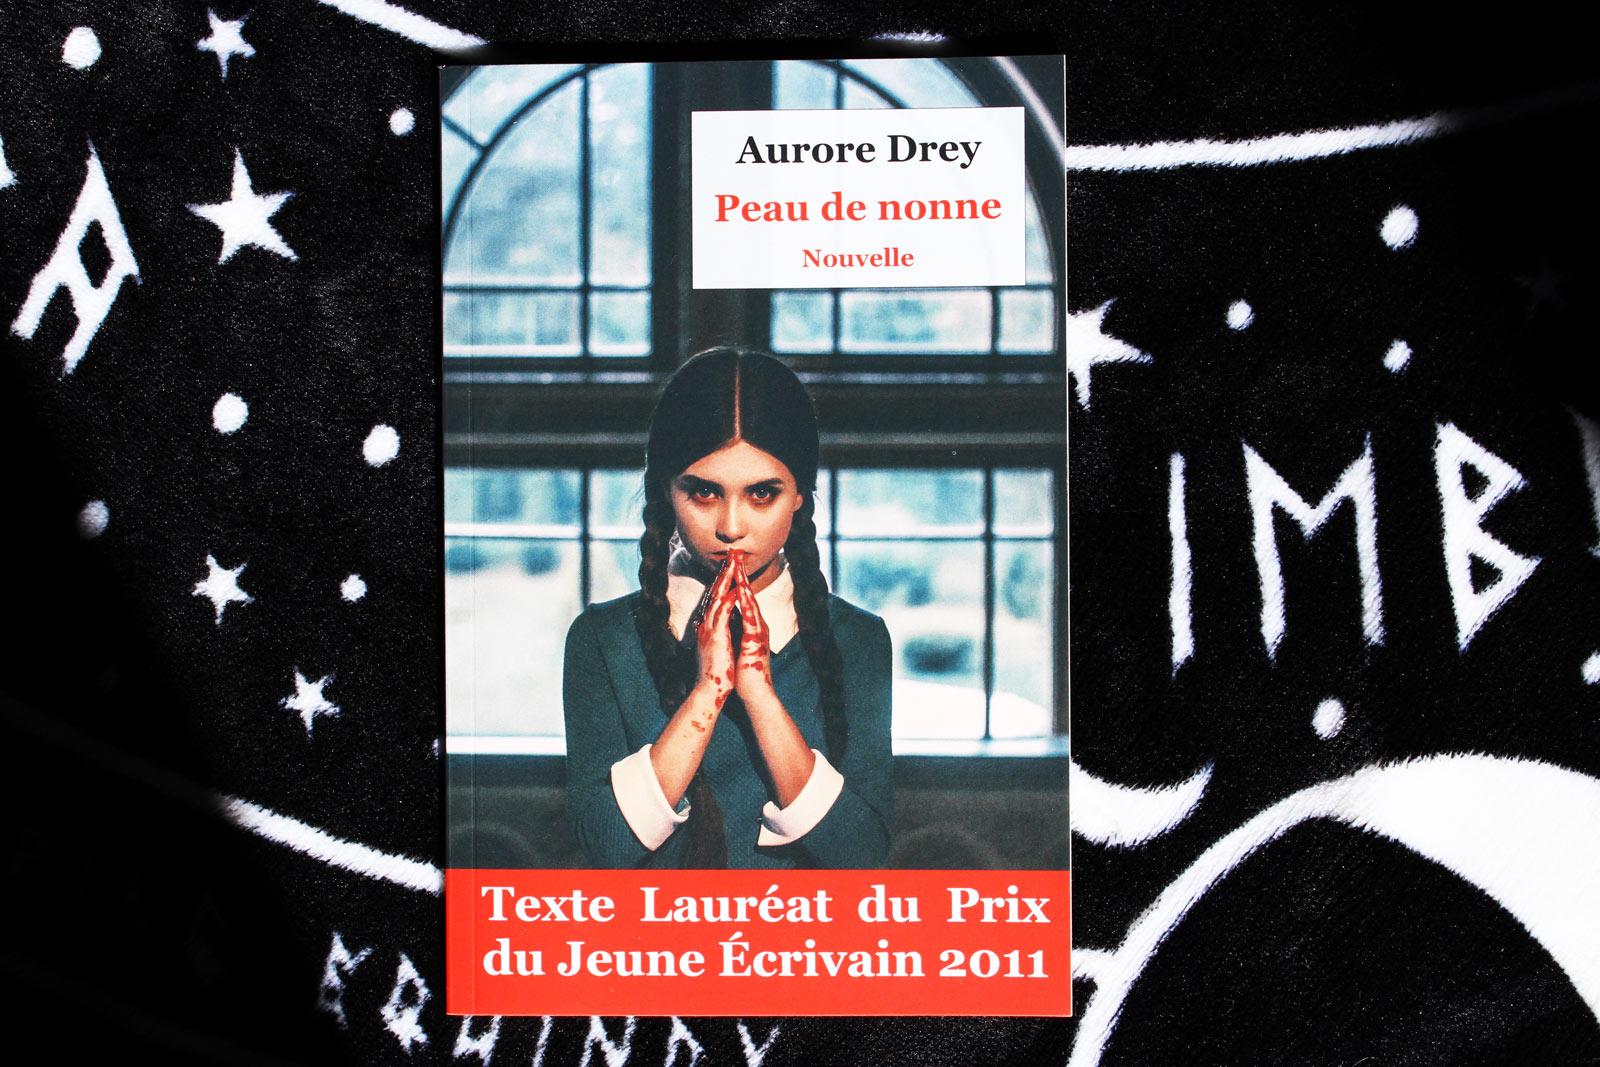 """La nouvelle horrifique """"Peau de nonne"""" par Aurore Drey"""